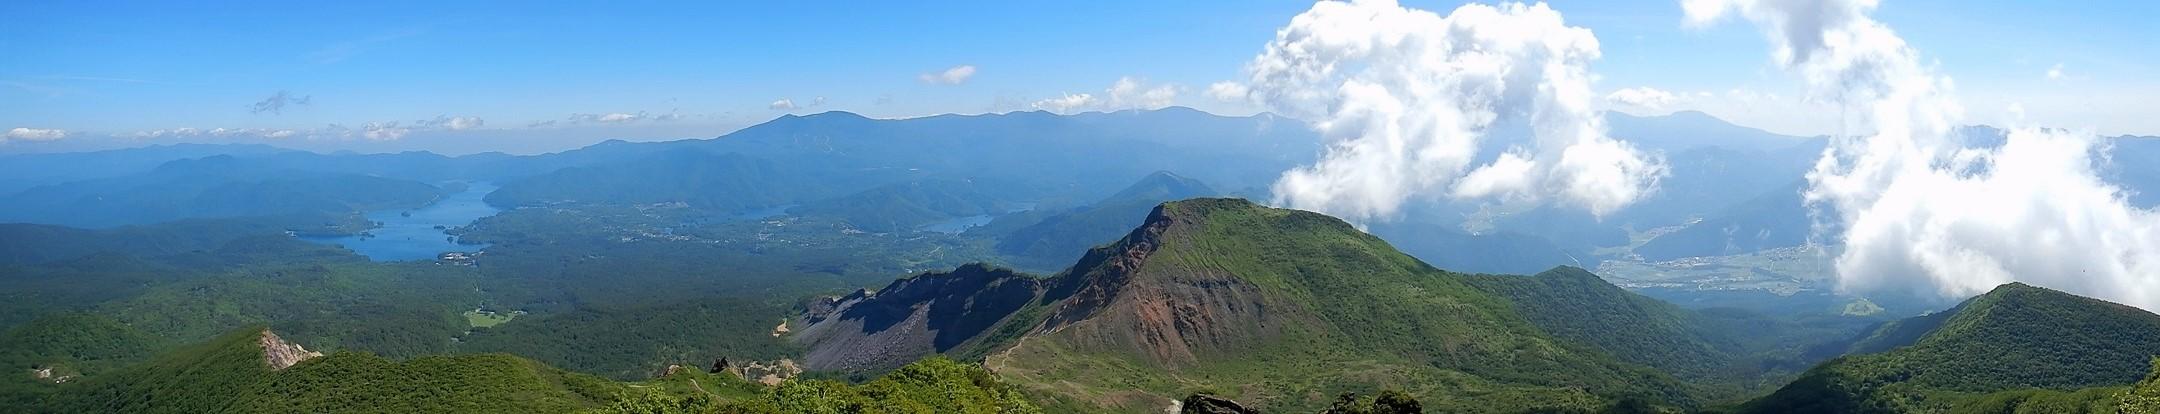 バンダイクワガタ咲く磐梯山へ ~ 2019年6月26日_f0170180_17151960.jpg